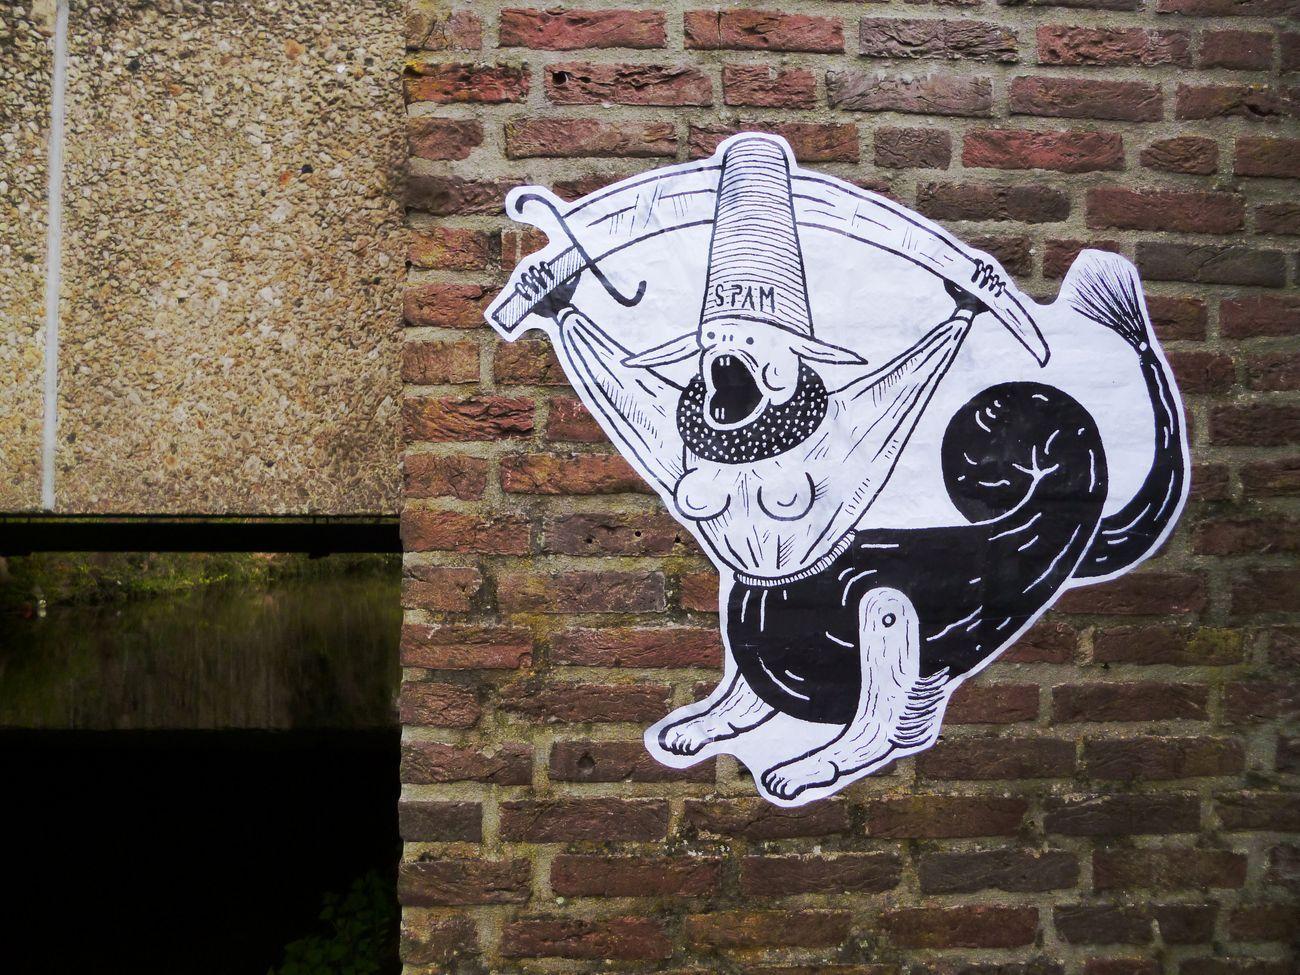 Guerrilla Spam, La terra dei grilli, Hertoghenbosch, 2016